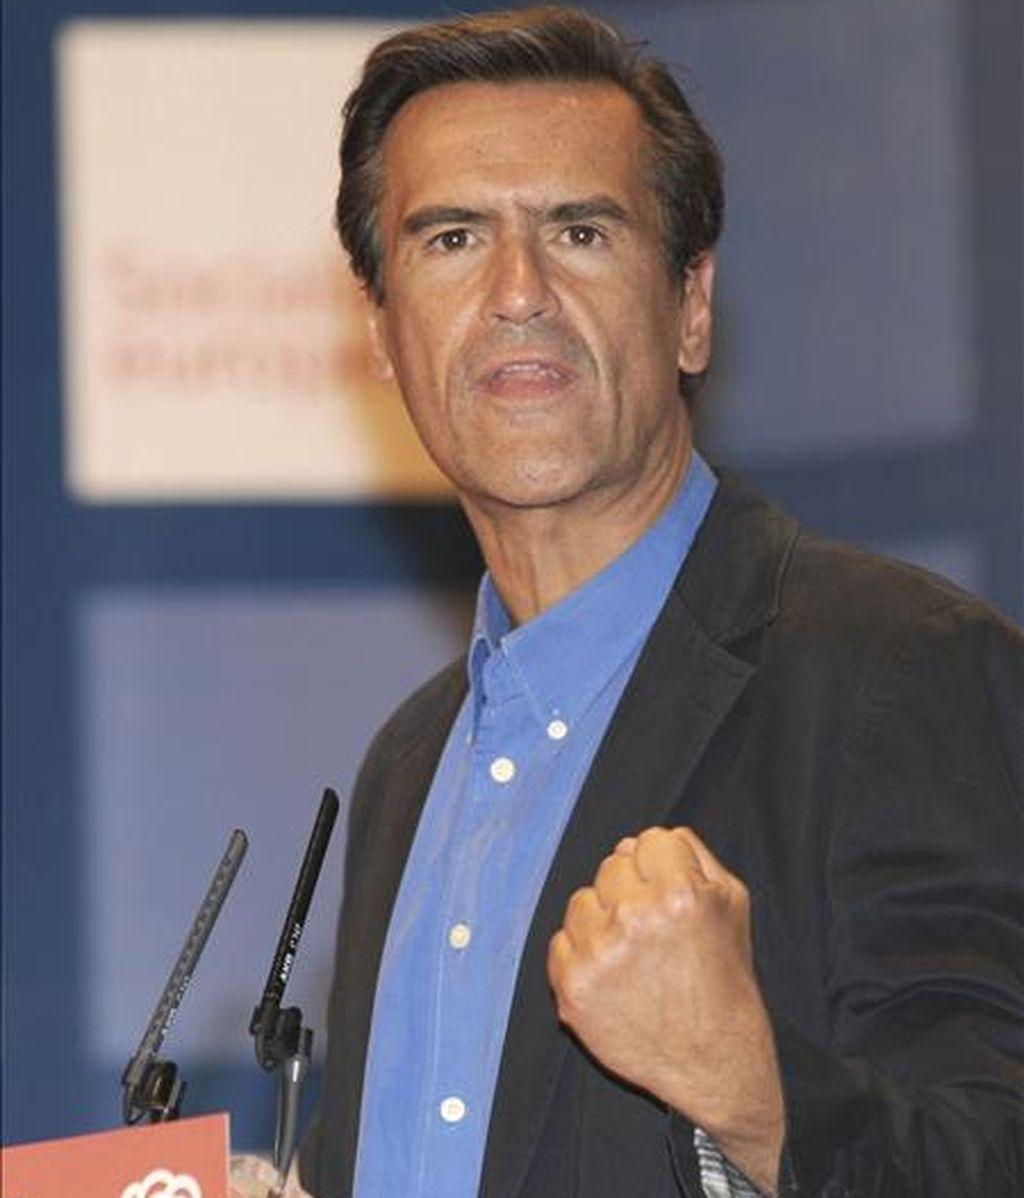 El cabeza de lista del PSOE a las Elecciones Europeas, Juan Fernando López Aguilar. EFE/Archivo